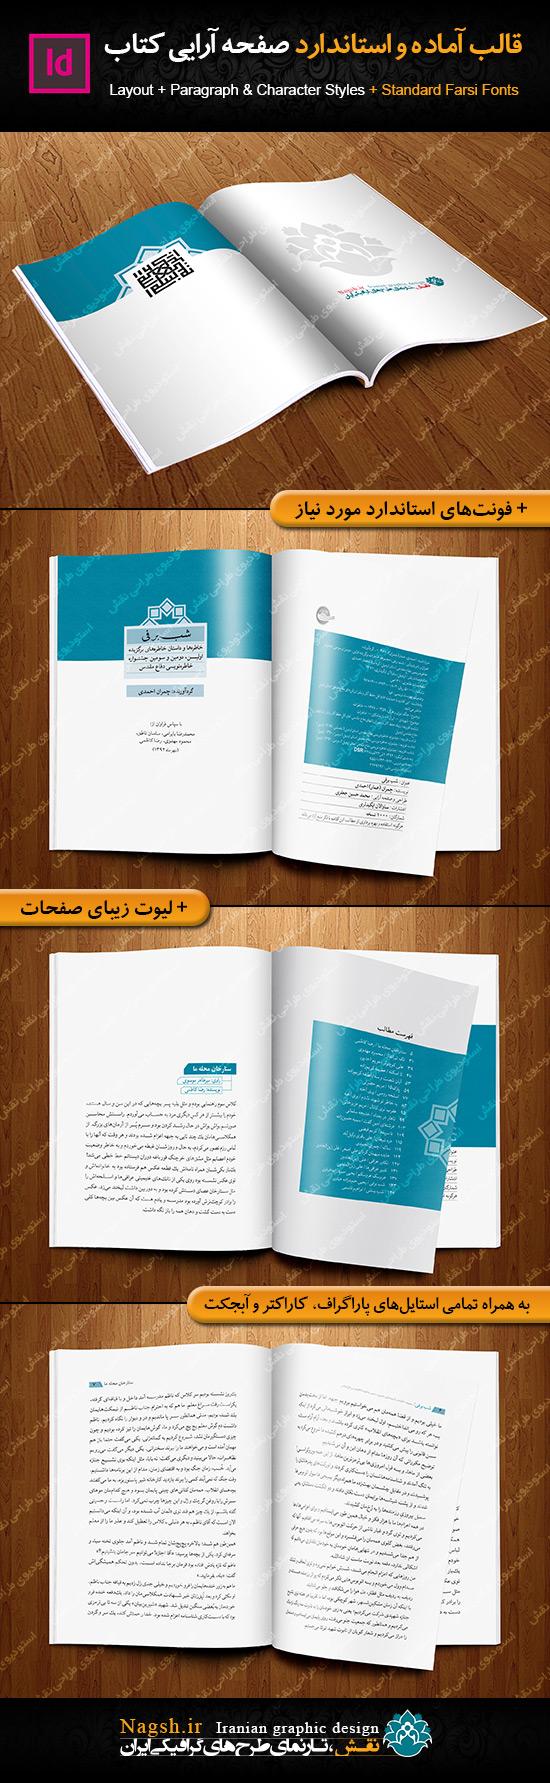 قالب آماده صفحه آرایی کتاب در ایندیزاین